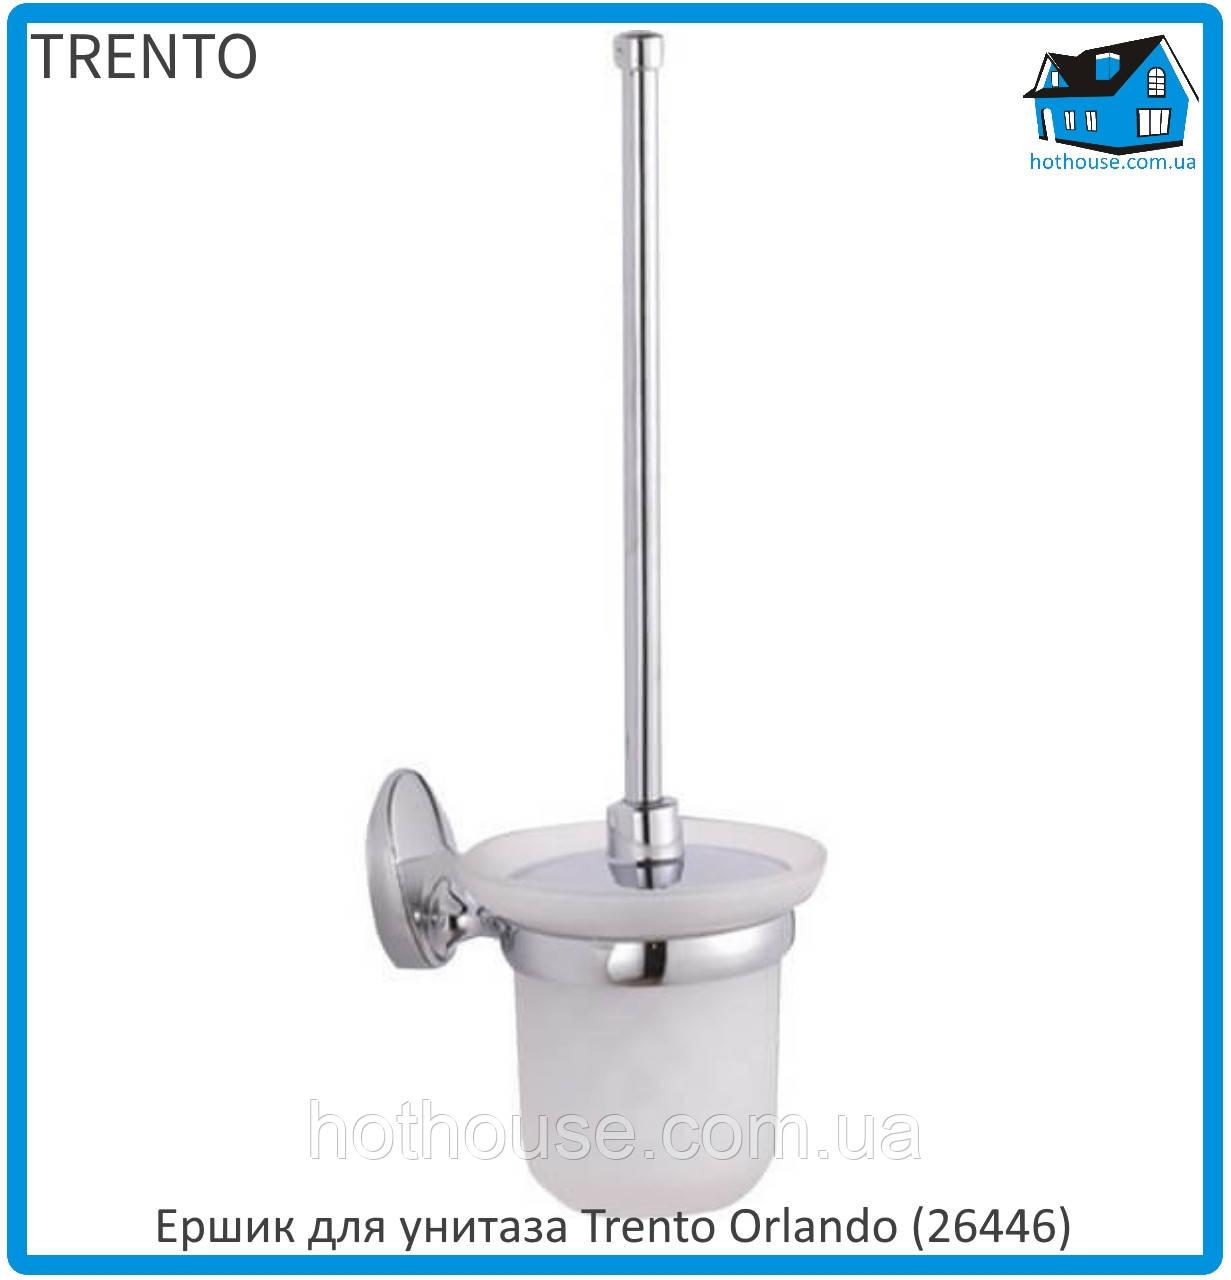 Ершик для унитаза Trento Orlando (26446)